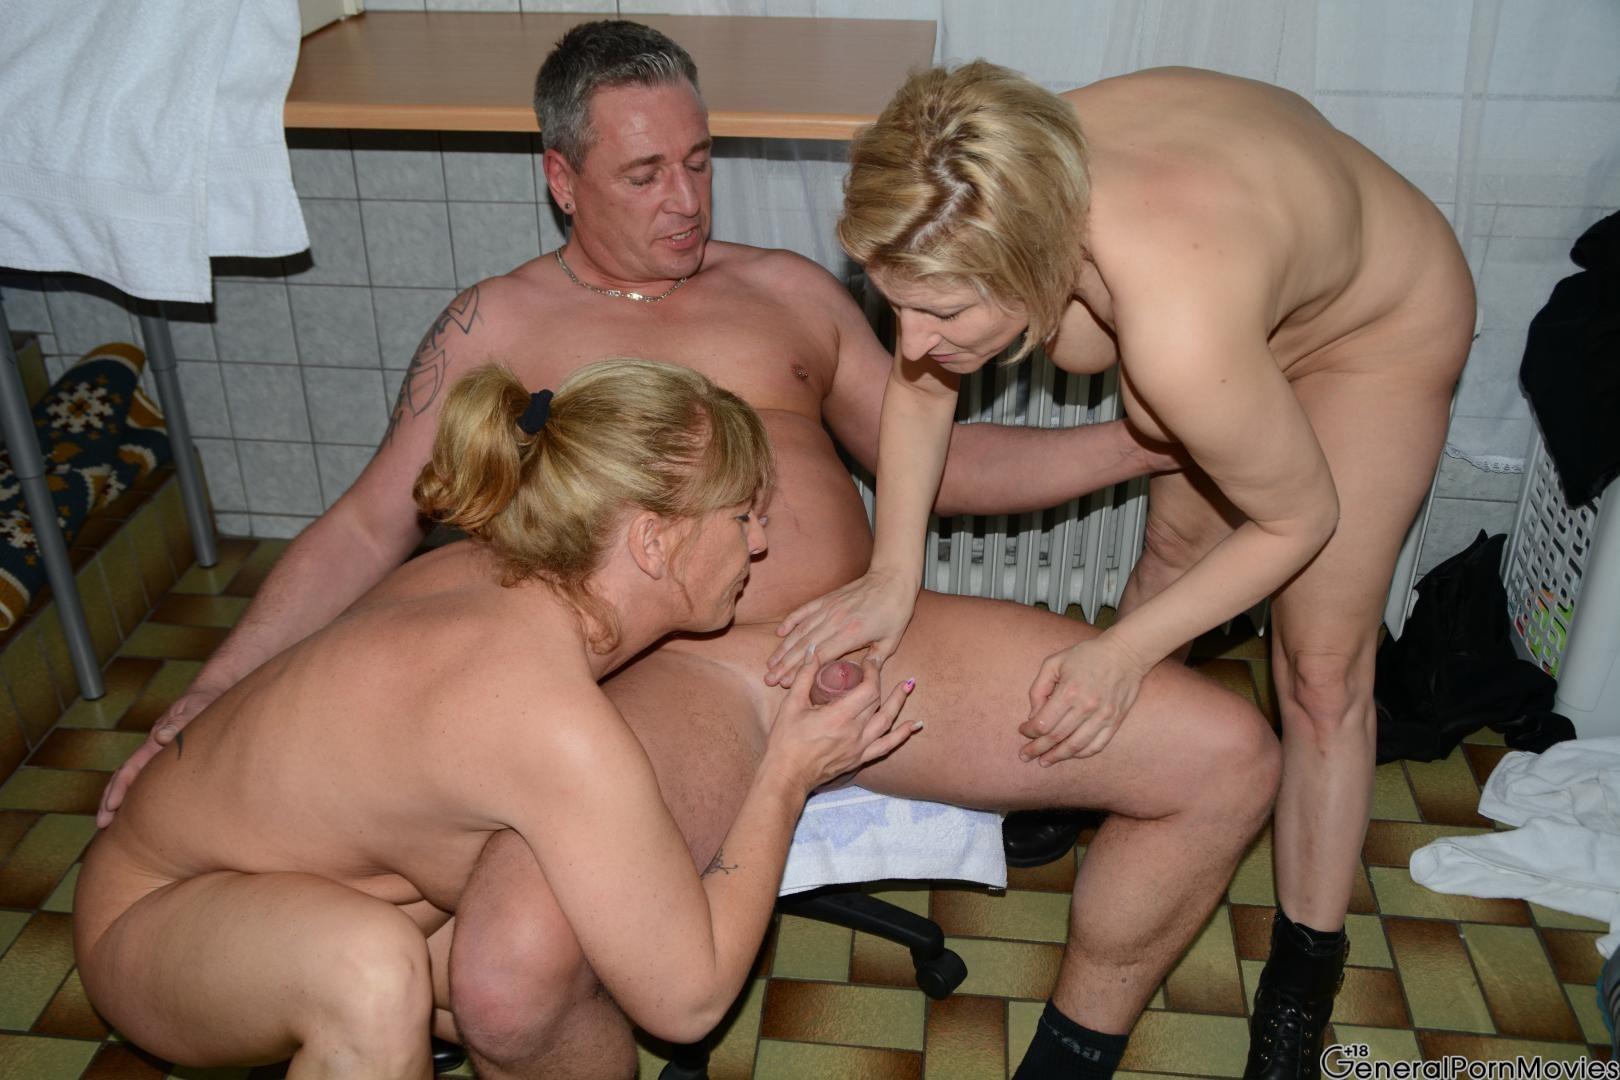 Monica bellucci sexiest nude